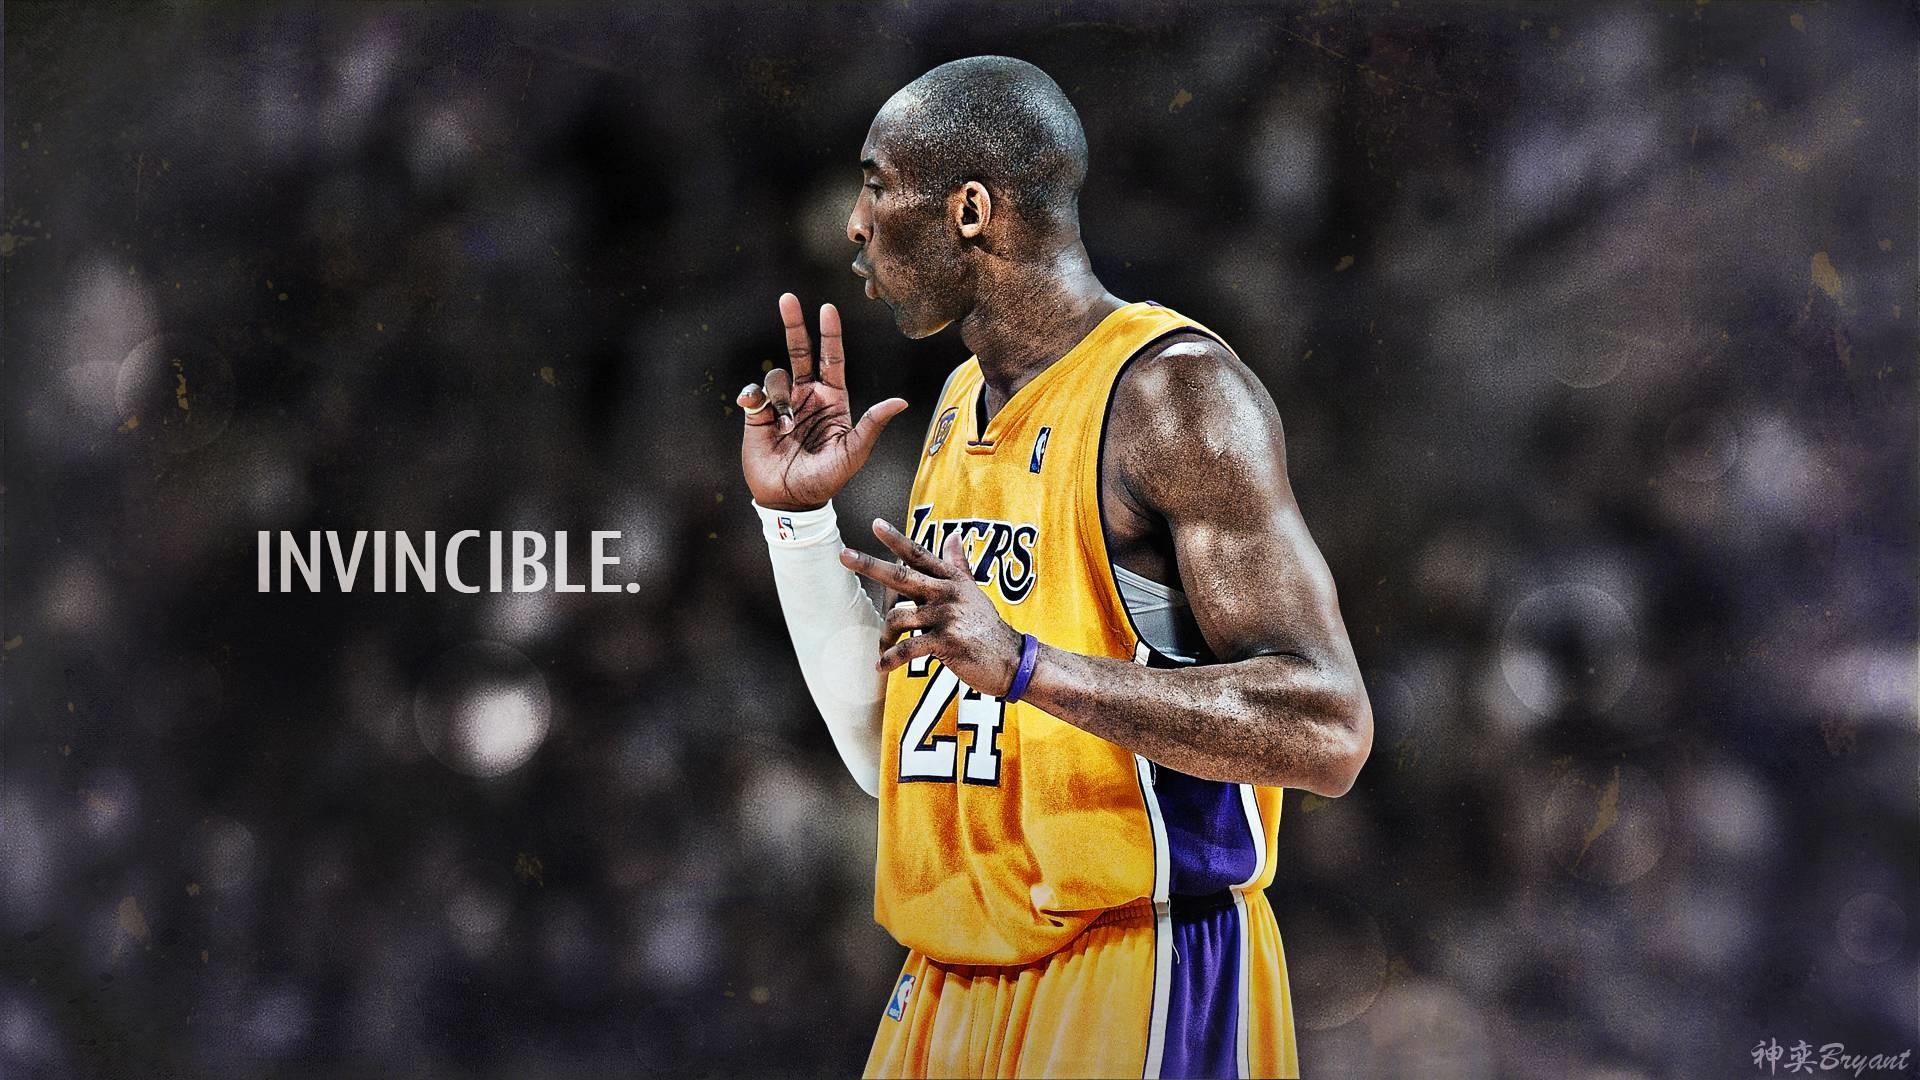 Fonds d'écran Kobe Bryant : tous les wallpapers Kobe Bryant